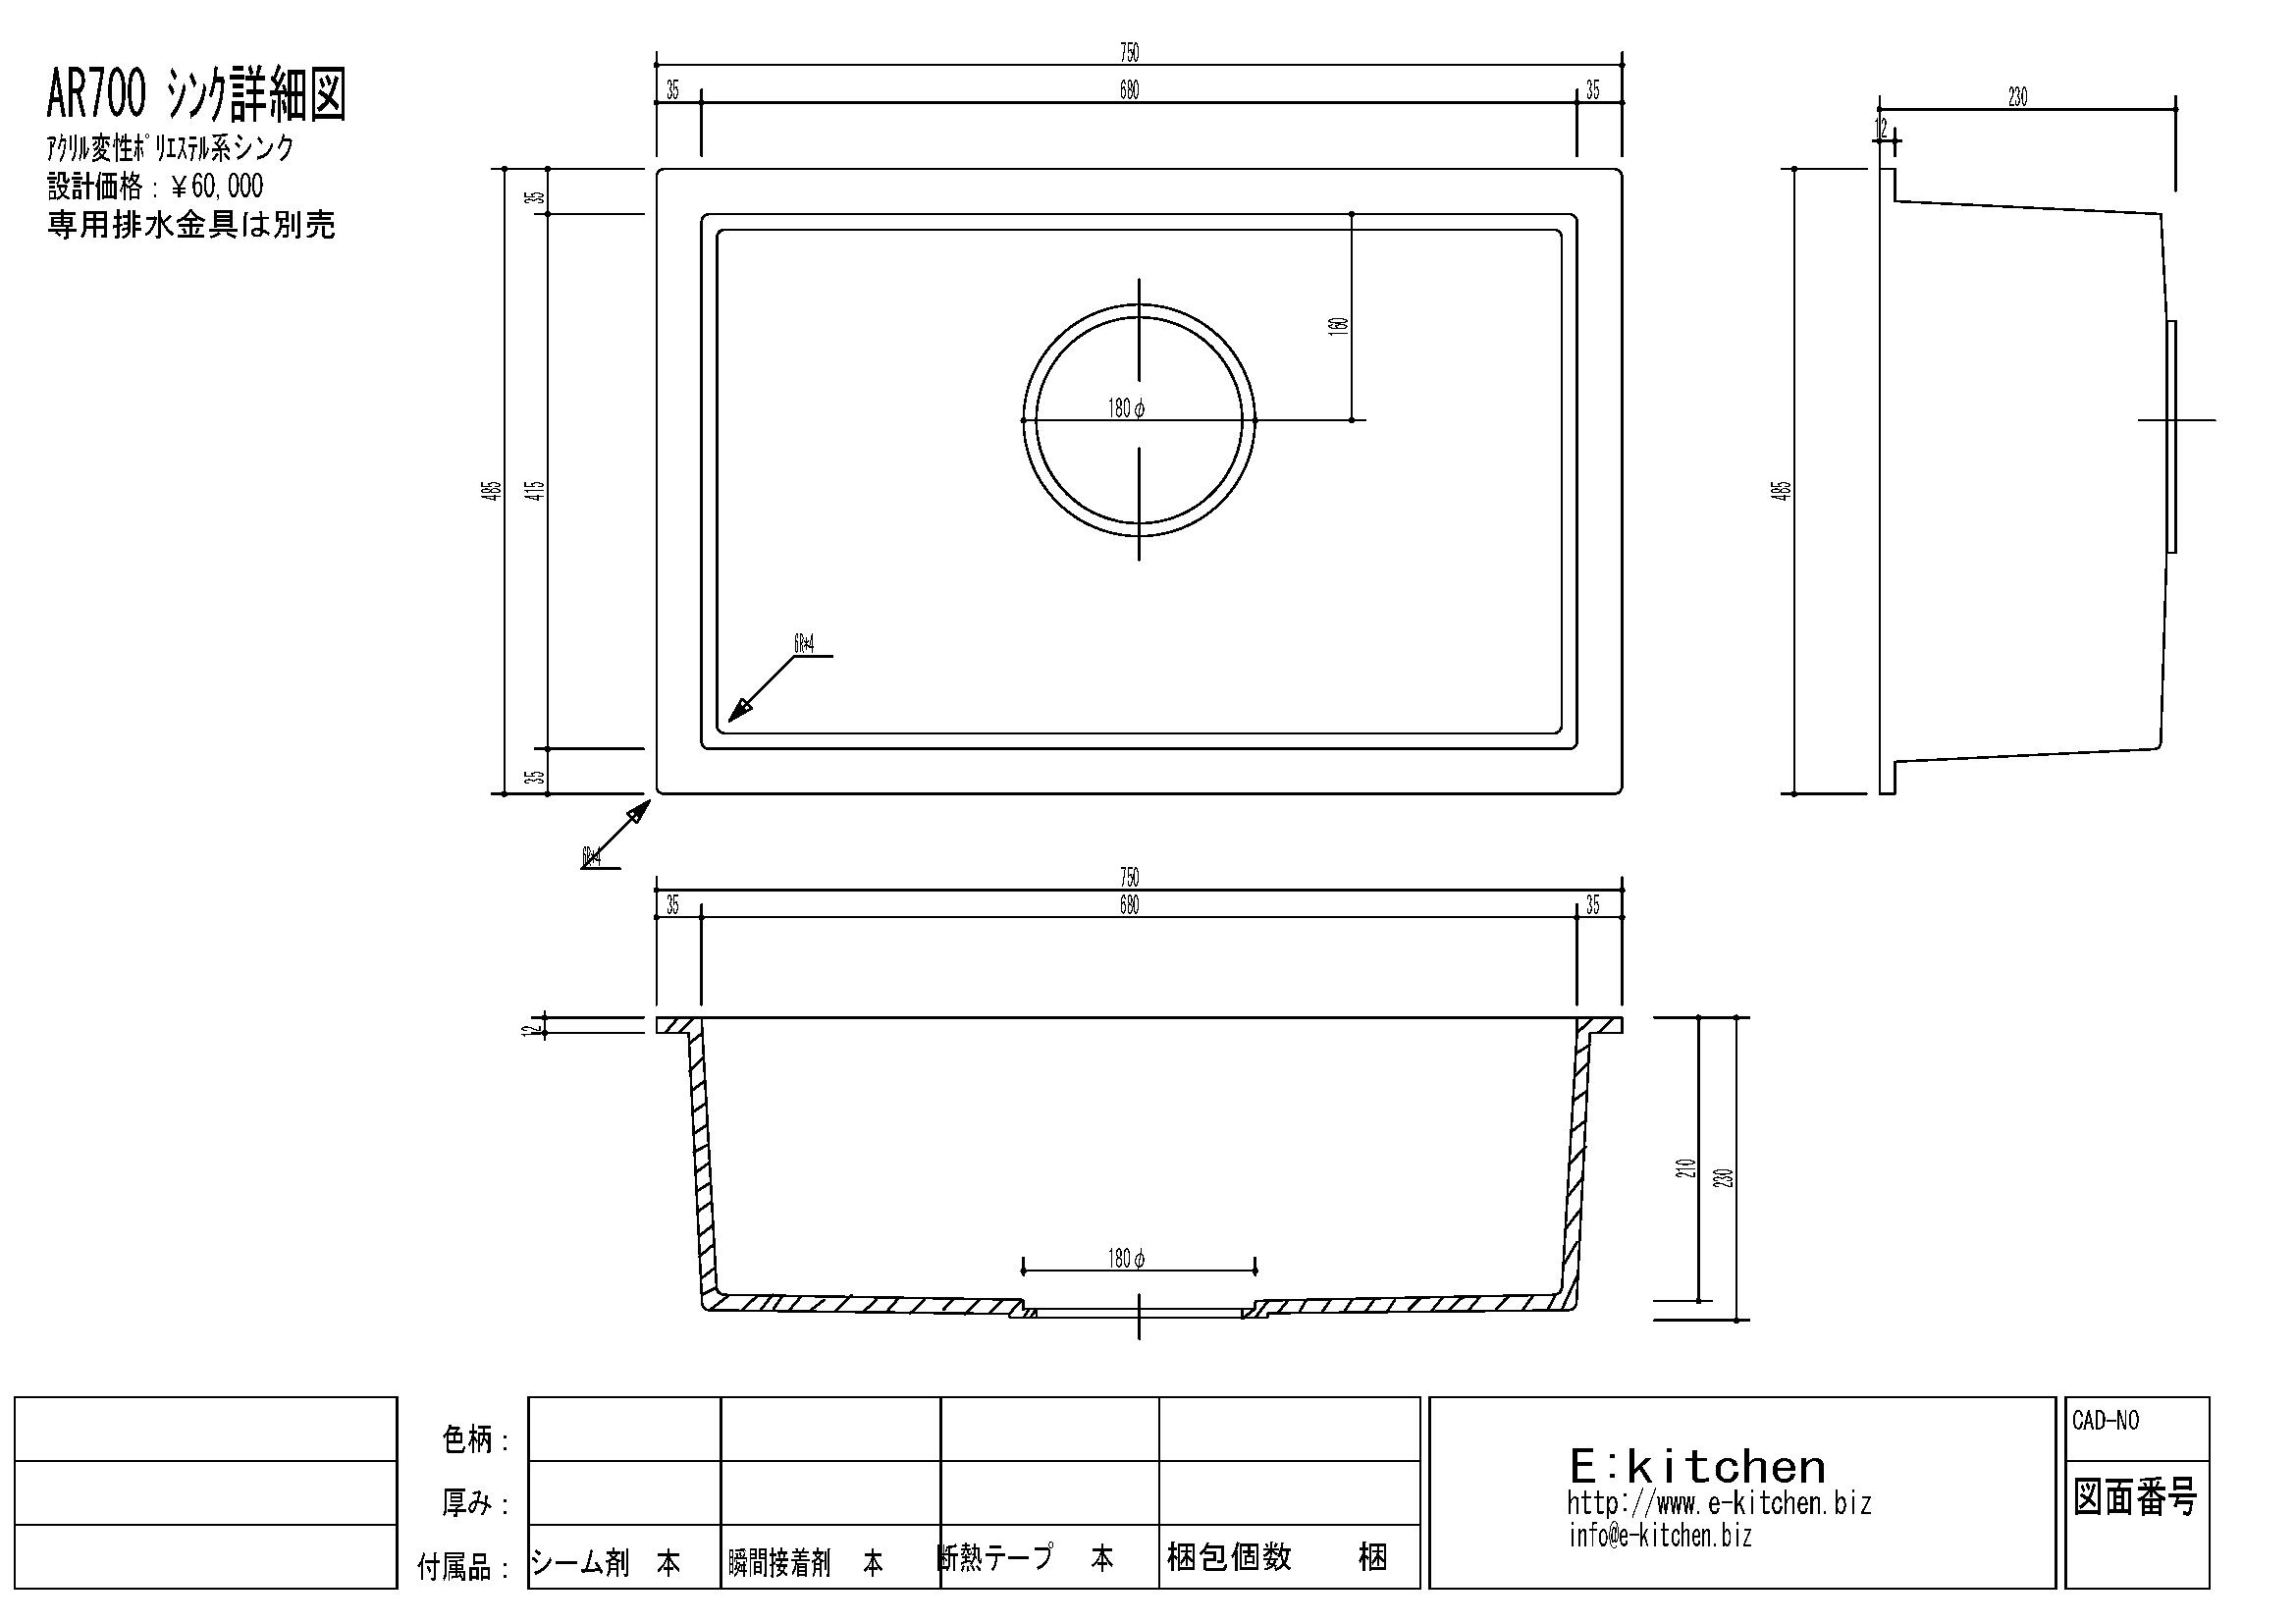 人工大理石シンクEK-AR700